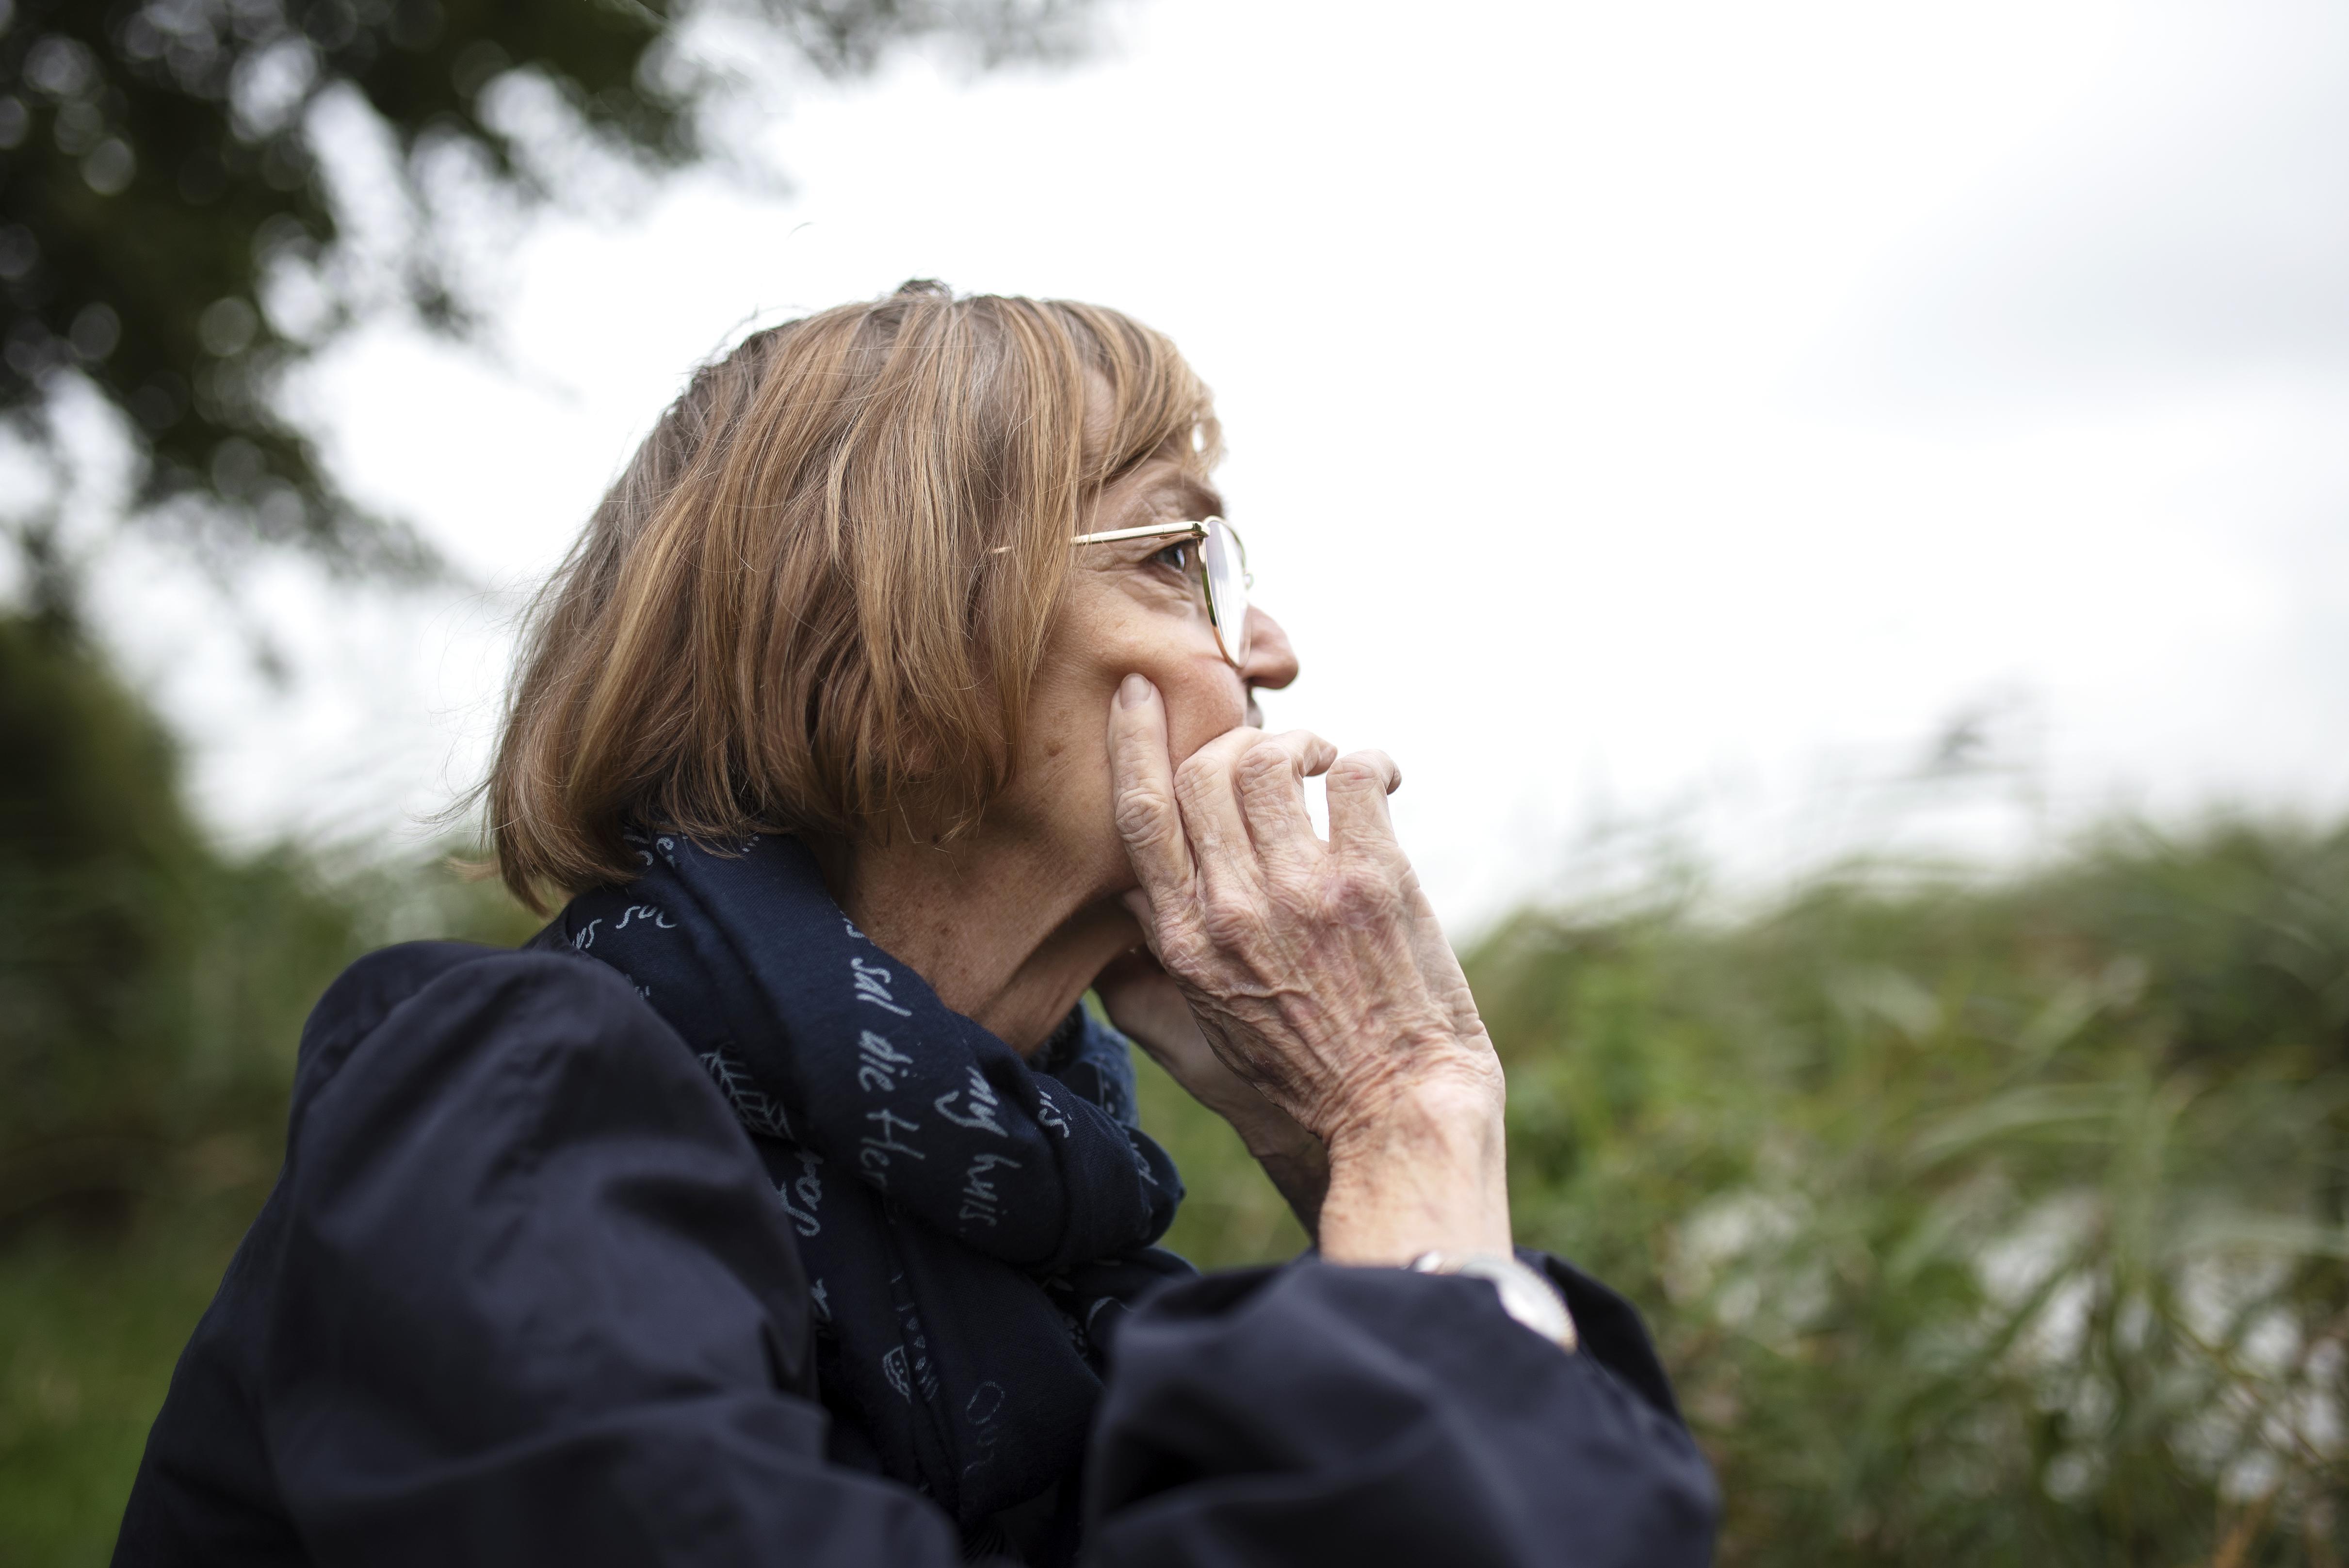 Ria Schaaper uit Heemskerk leeft al bijna dertig jaar met een donorhart: 'Ik heb mijn leven weer terug. Moeder worden was een bevrijding'